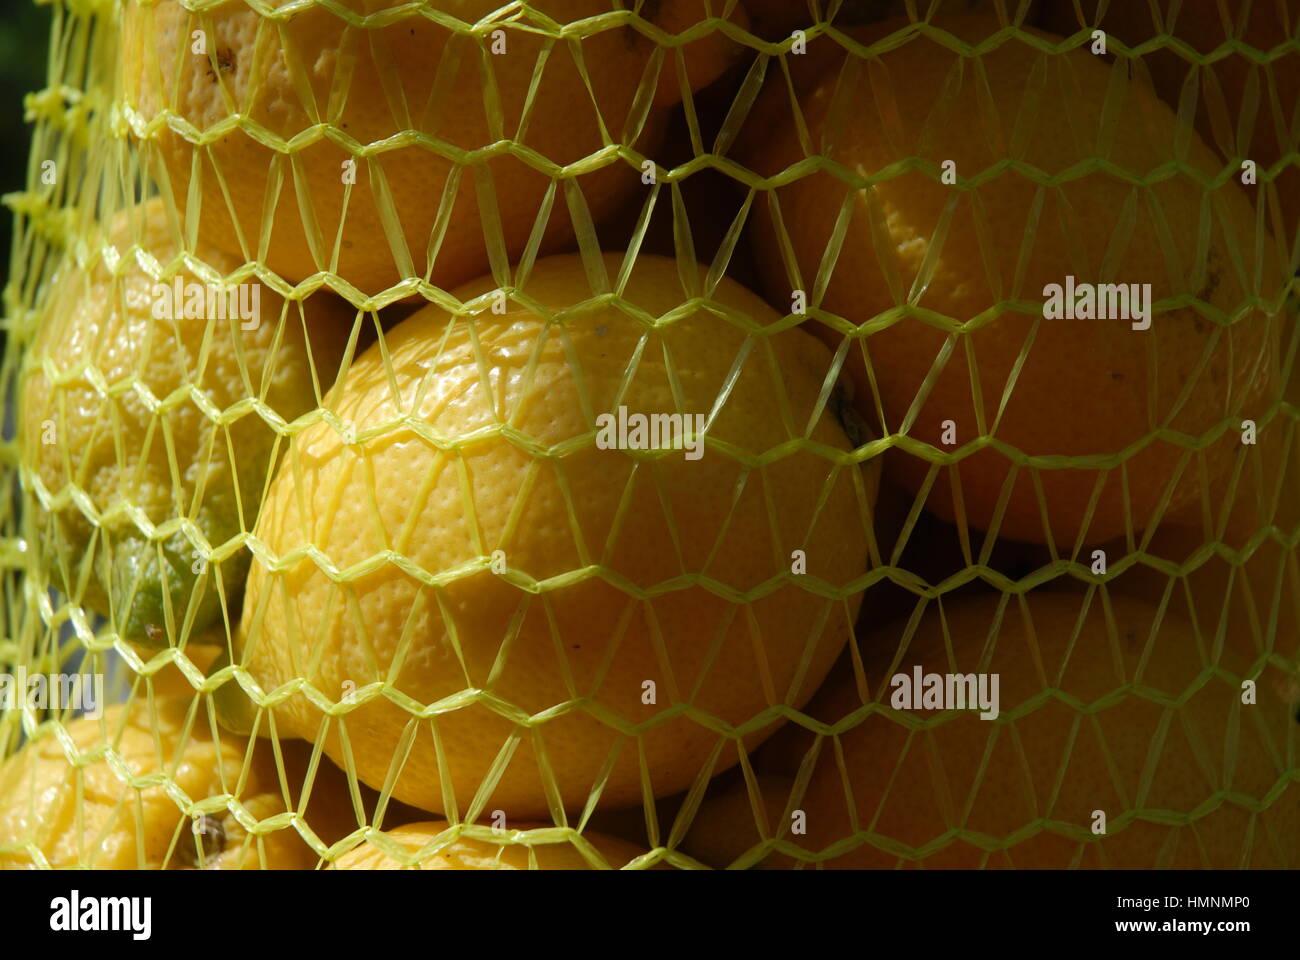 Lemons in a mesh bag - Stock Image